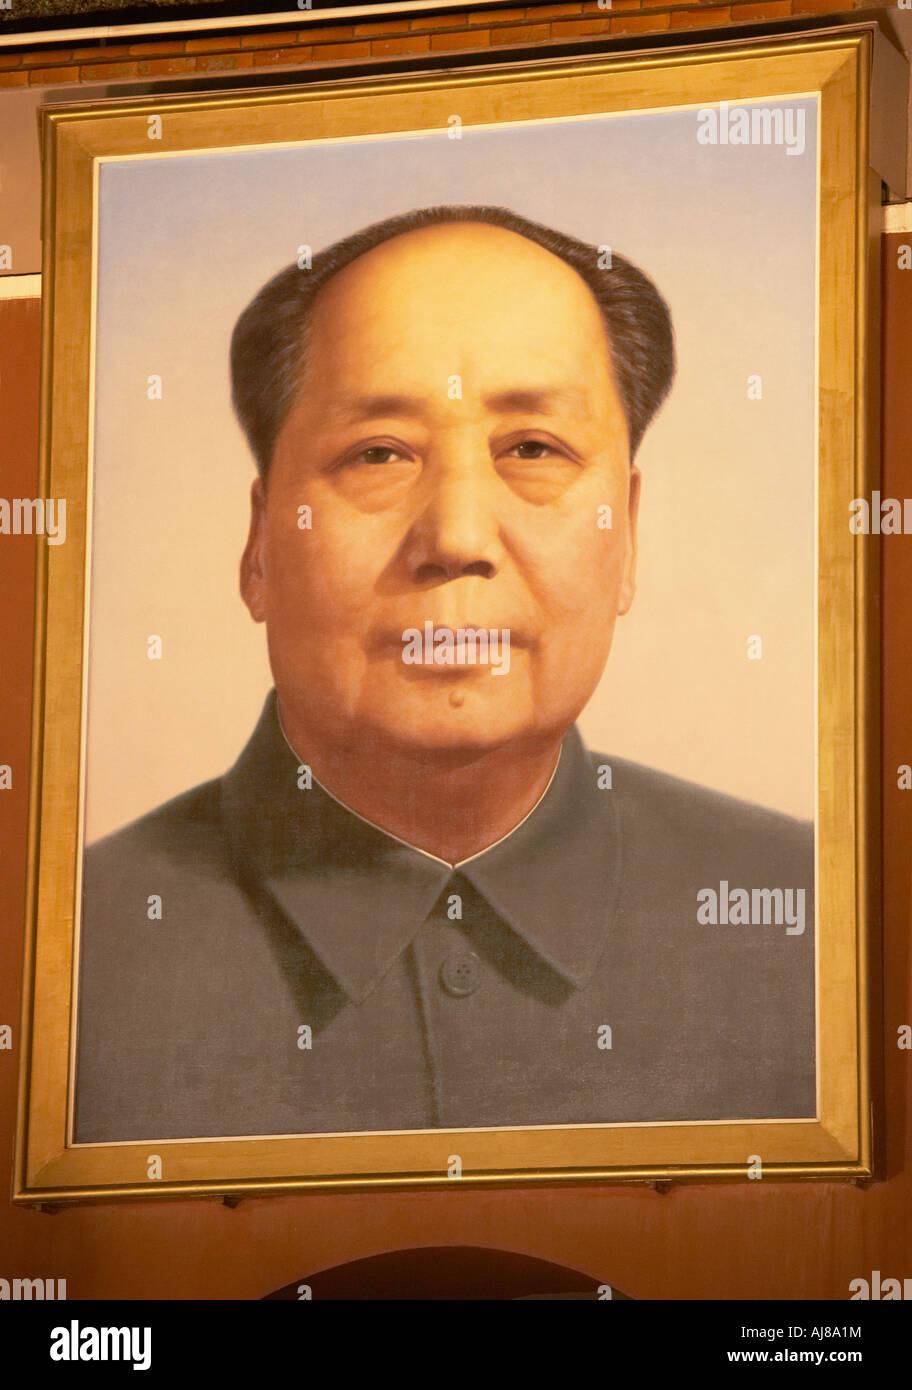 Porte de la paix céleste lumineux, le président Mao portrait Photo Stock